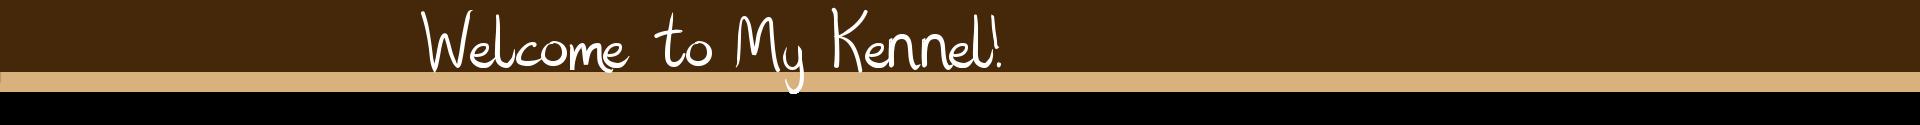 Kennel Banner